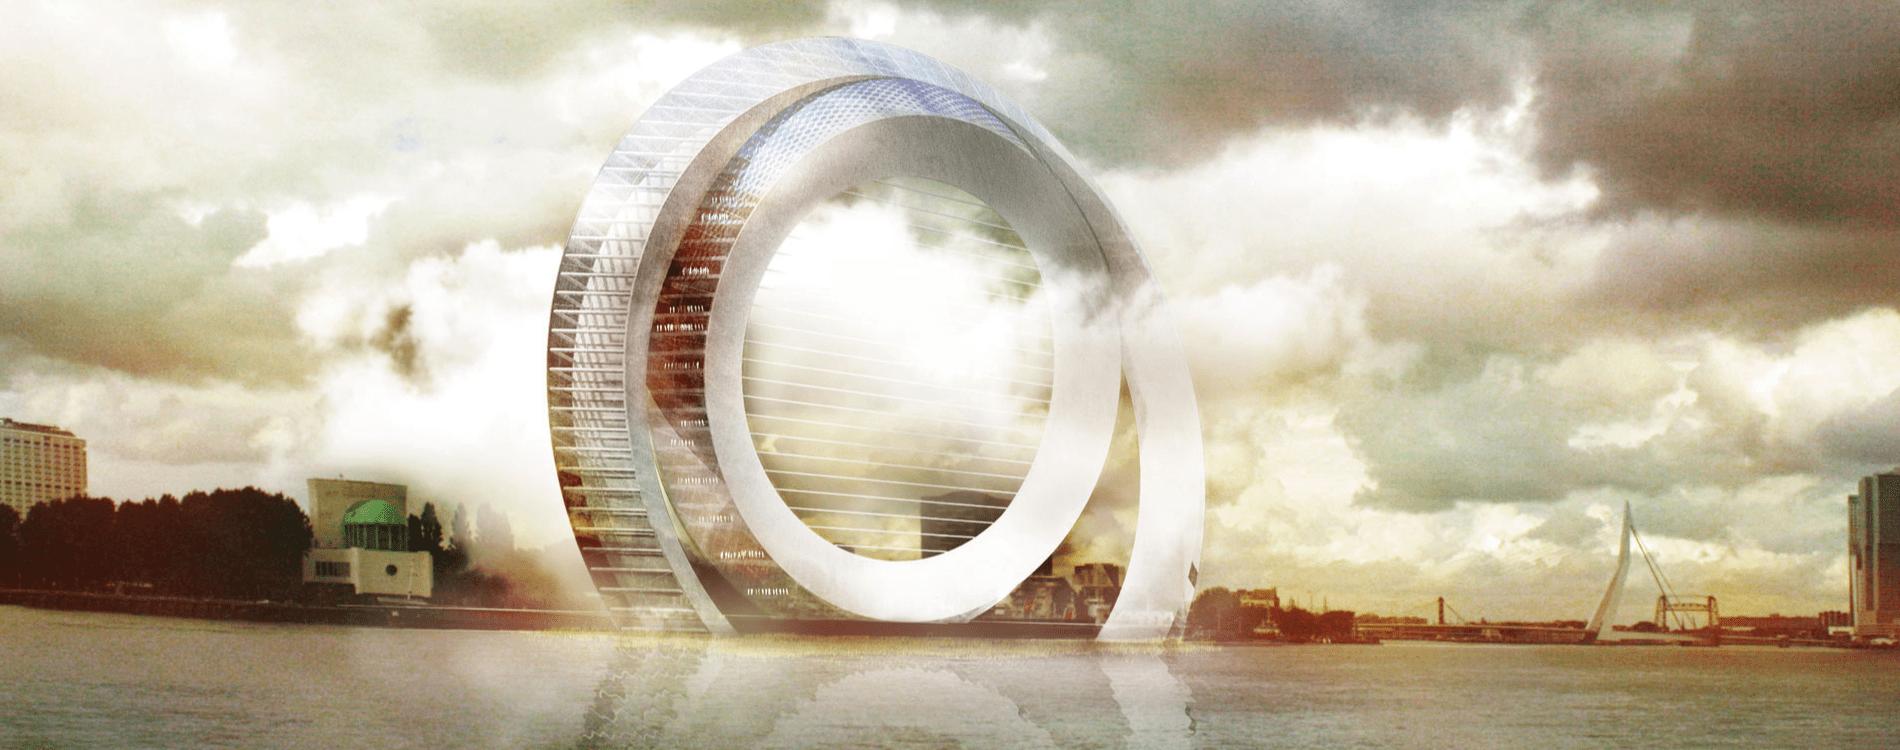 Dutch Windwheel, icono de sostenibilidad